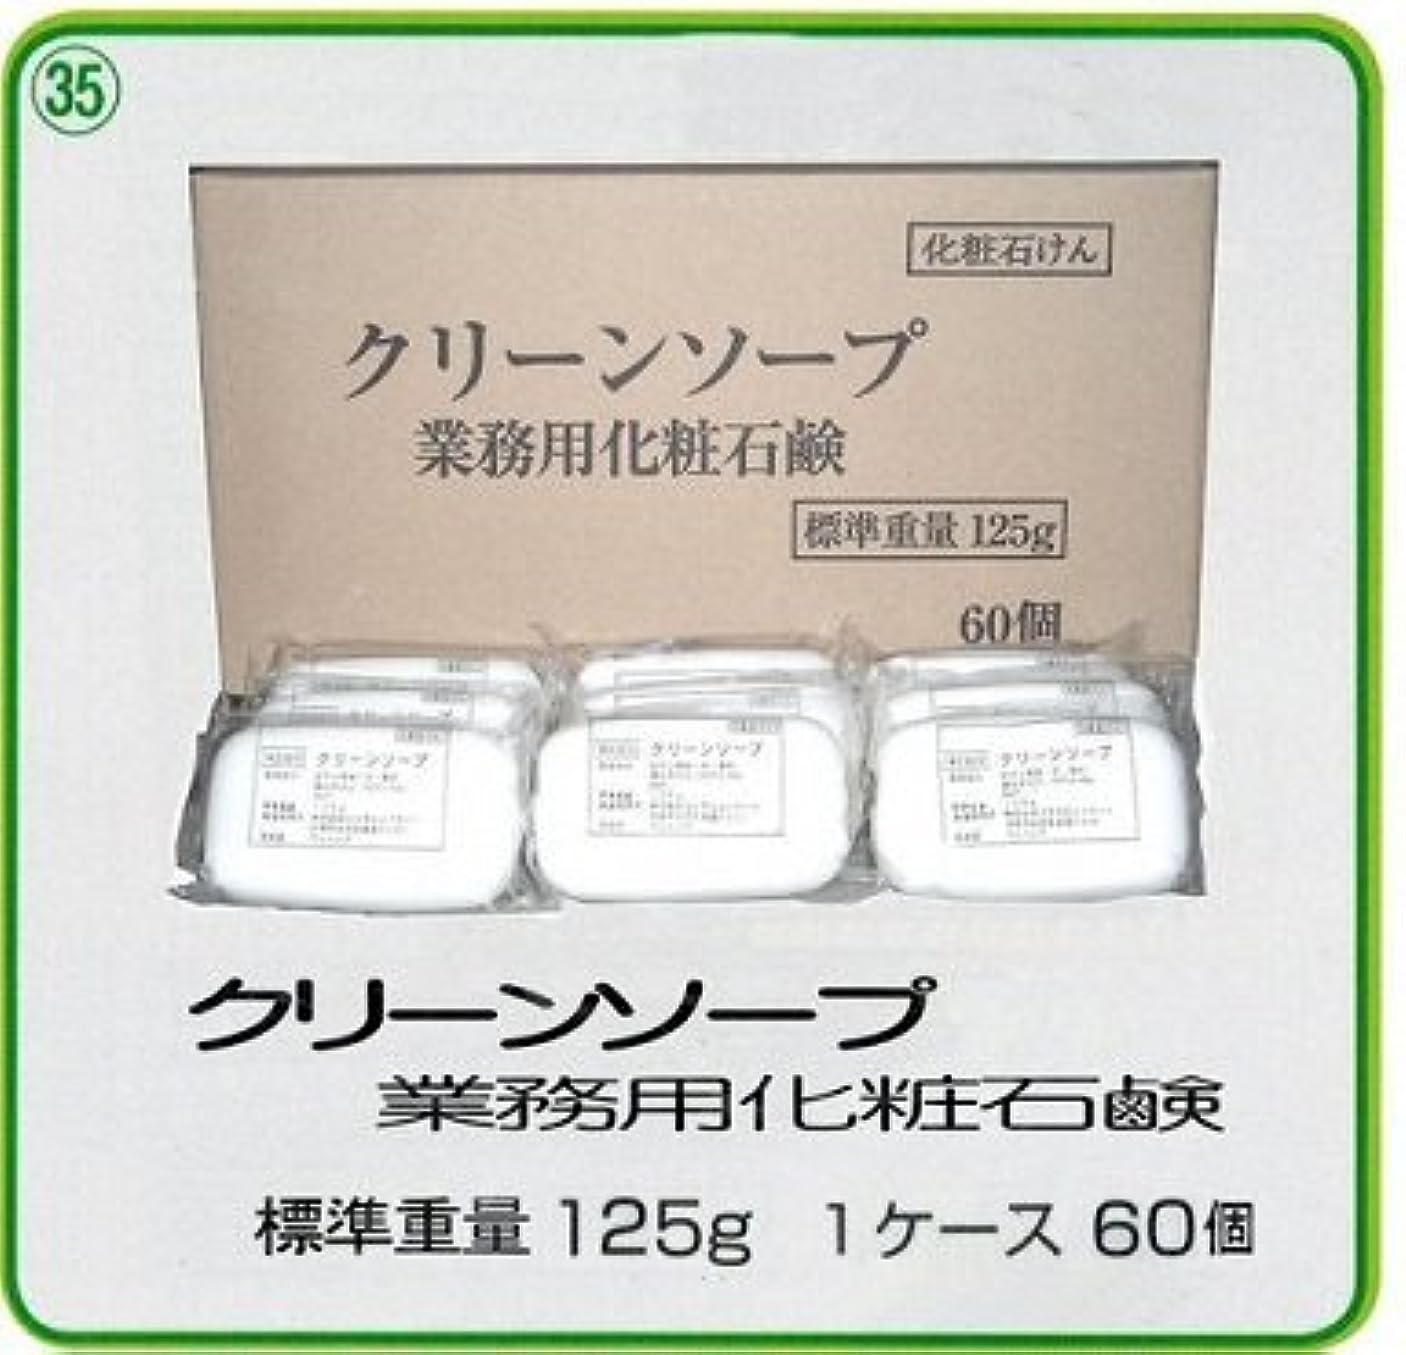 キャンセル磁石耳業務用化粧石鹸 クリーンソープ1個125g/1箱60個入(品番7014)富士化成